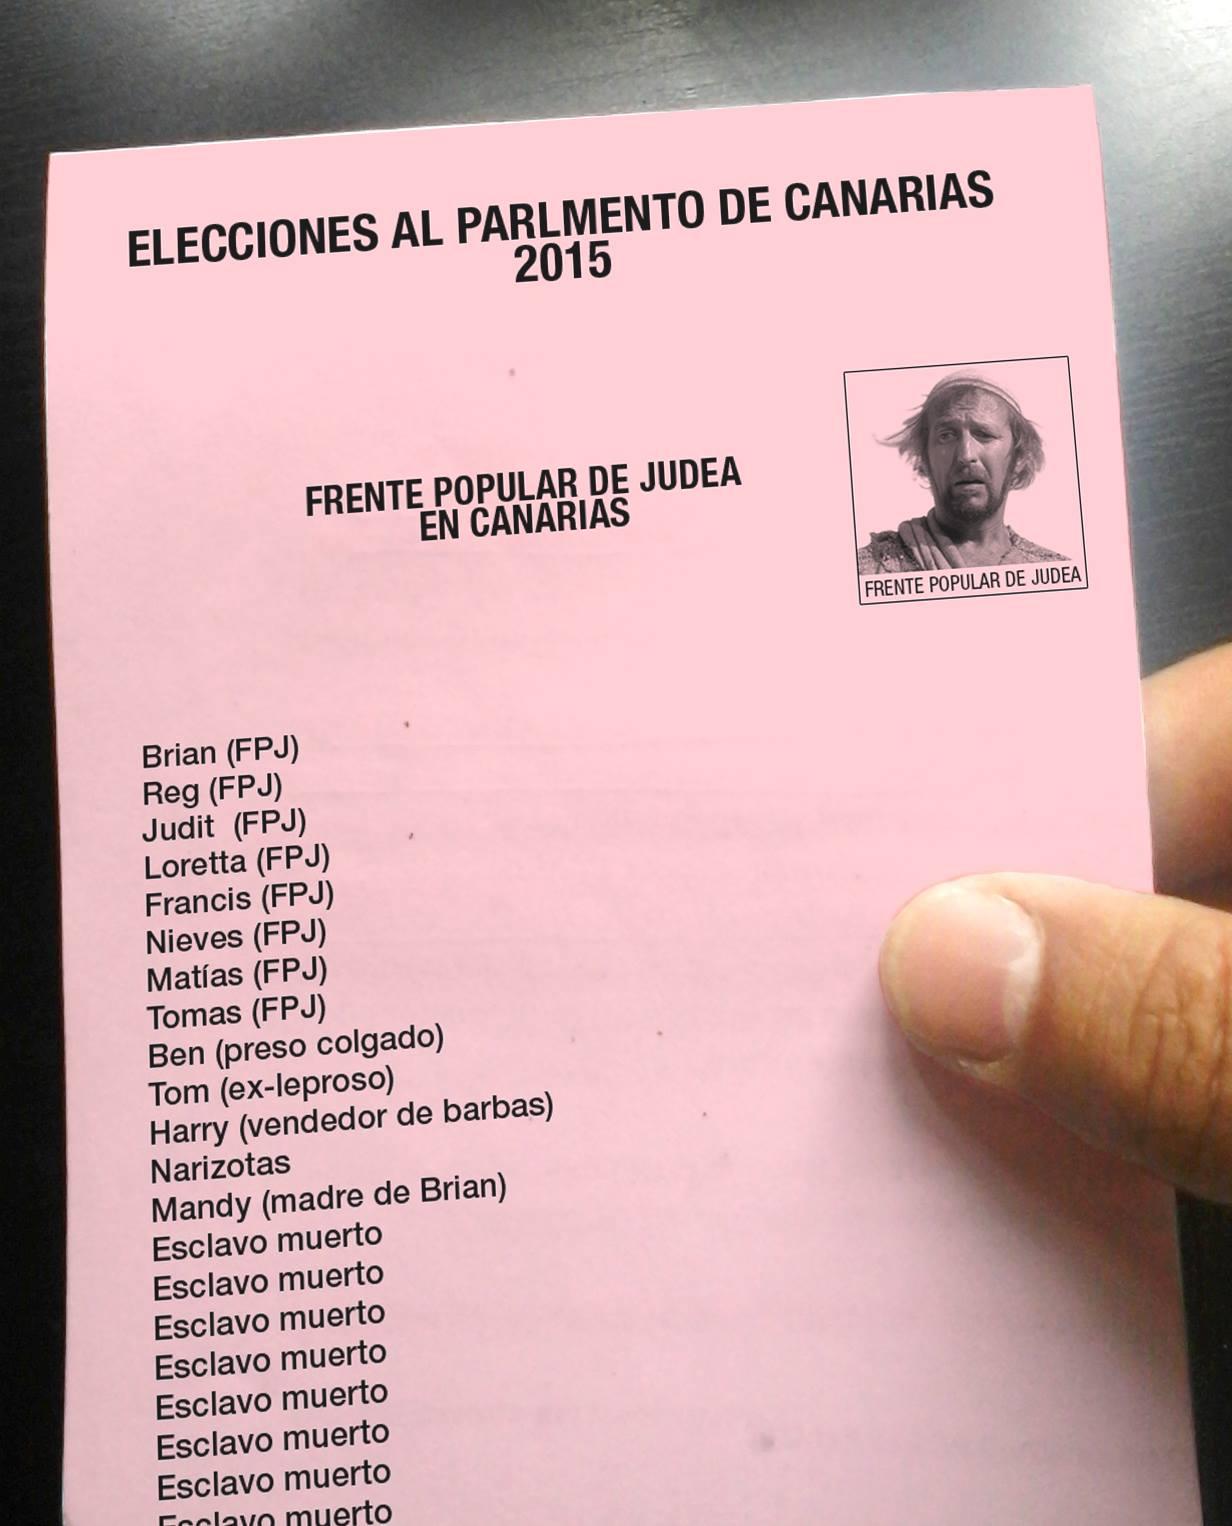 Frente-popular-judeia-canarias-02